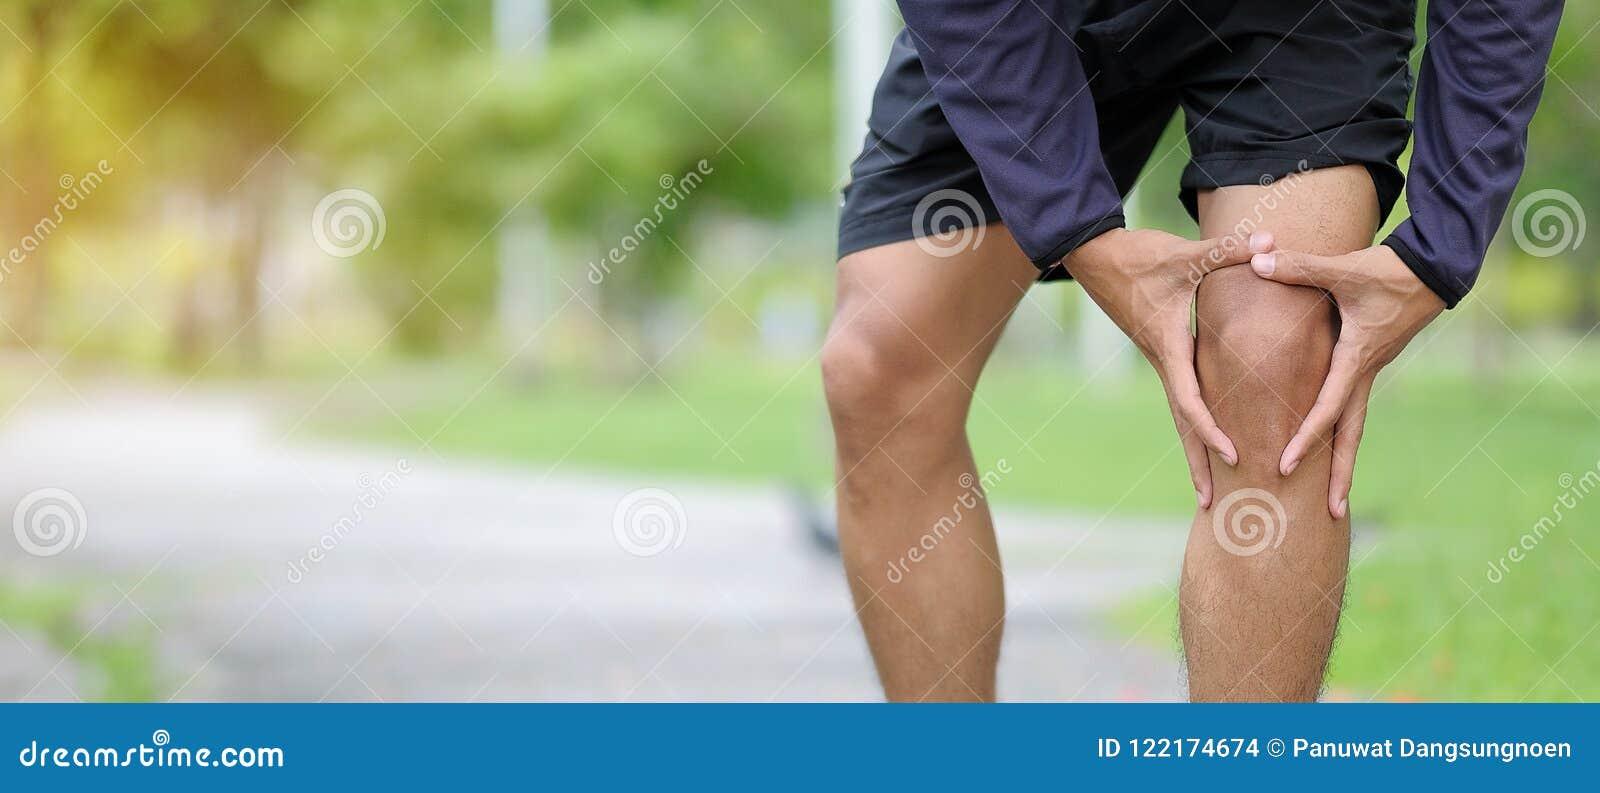 L homme de forme physique tenant sa blessure de sports, muscle douloureux pendant la formation